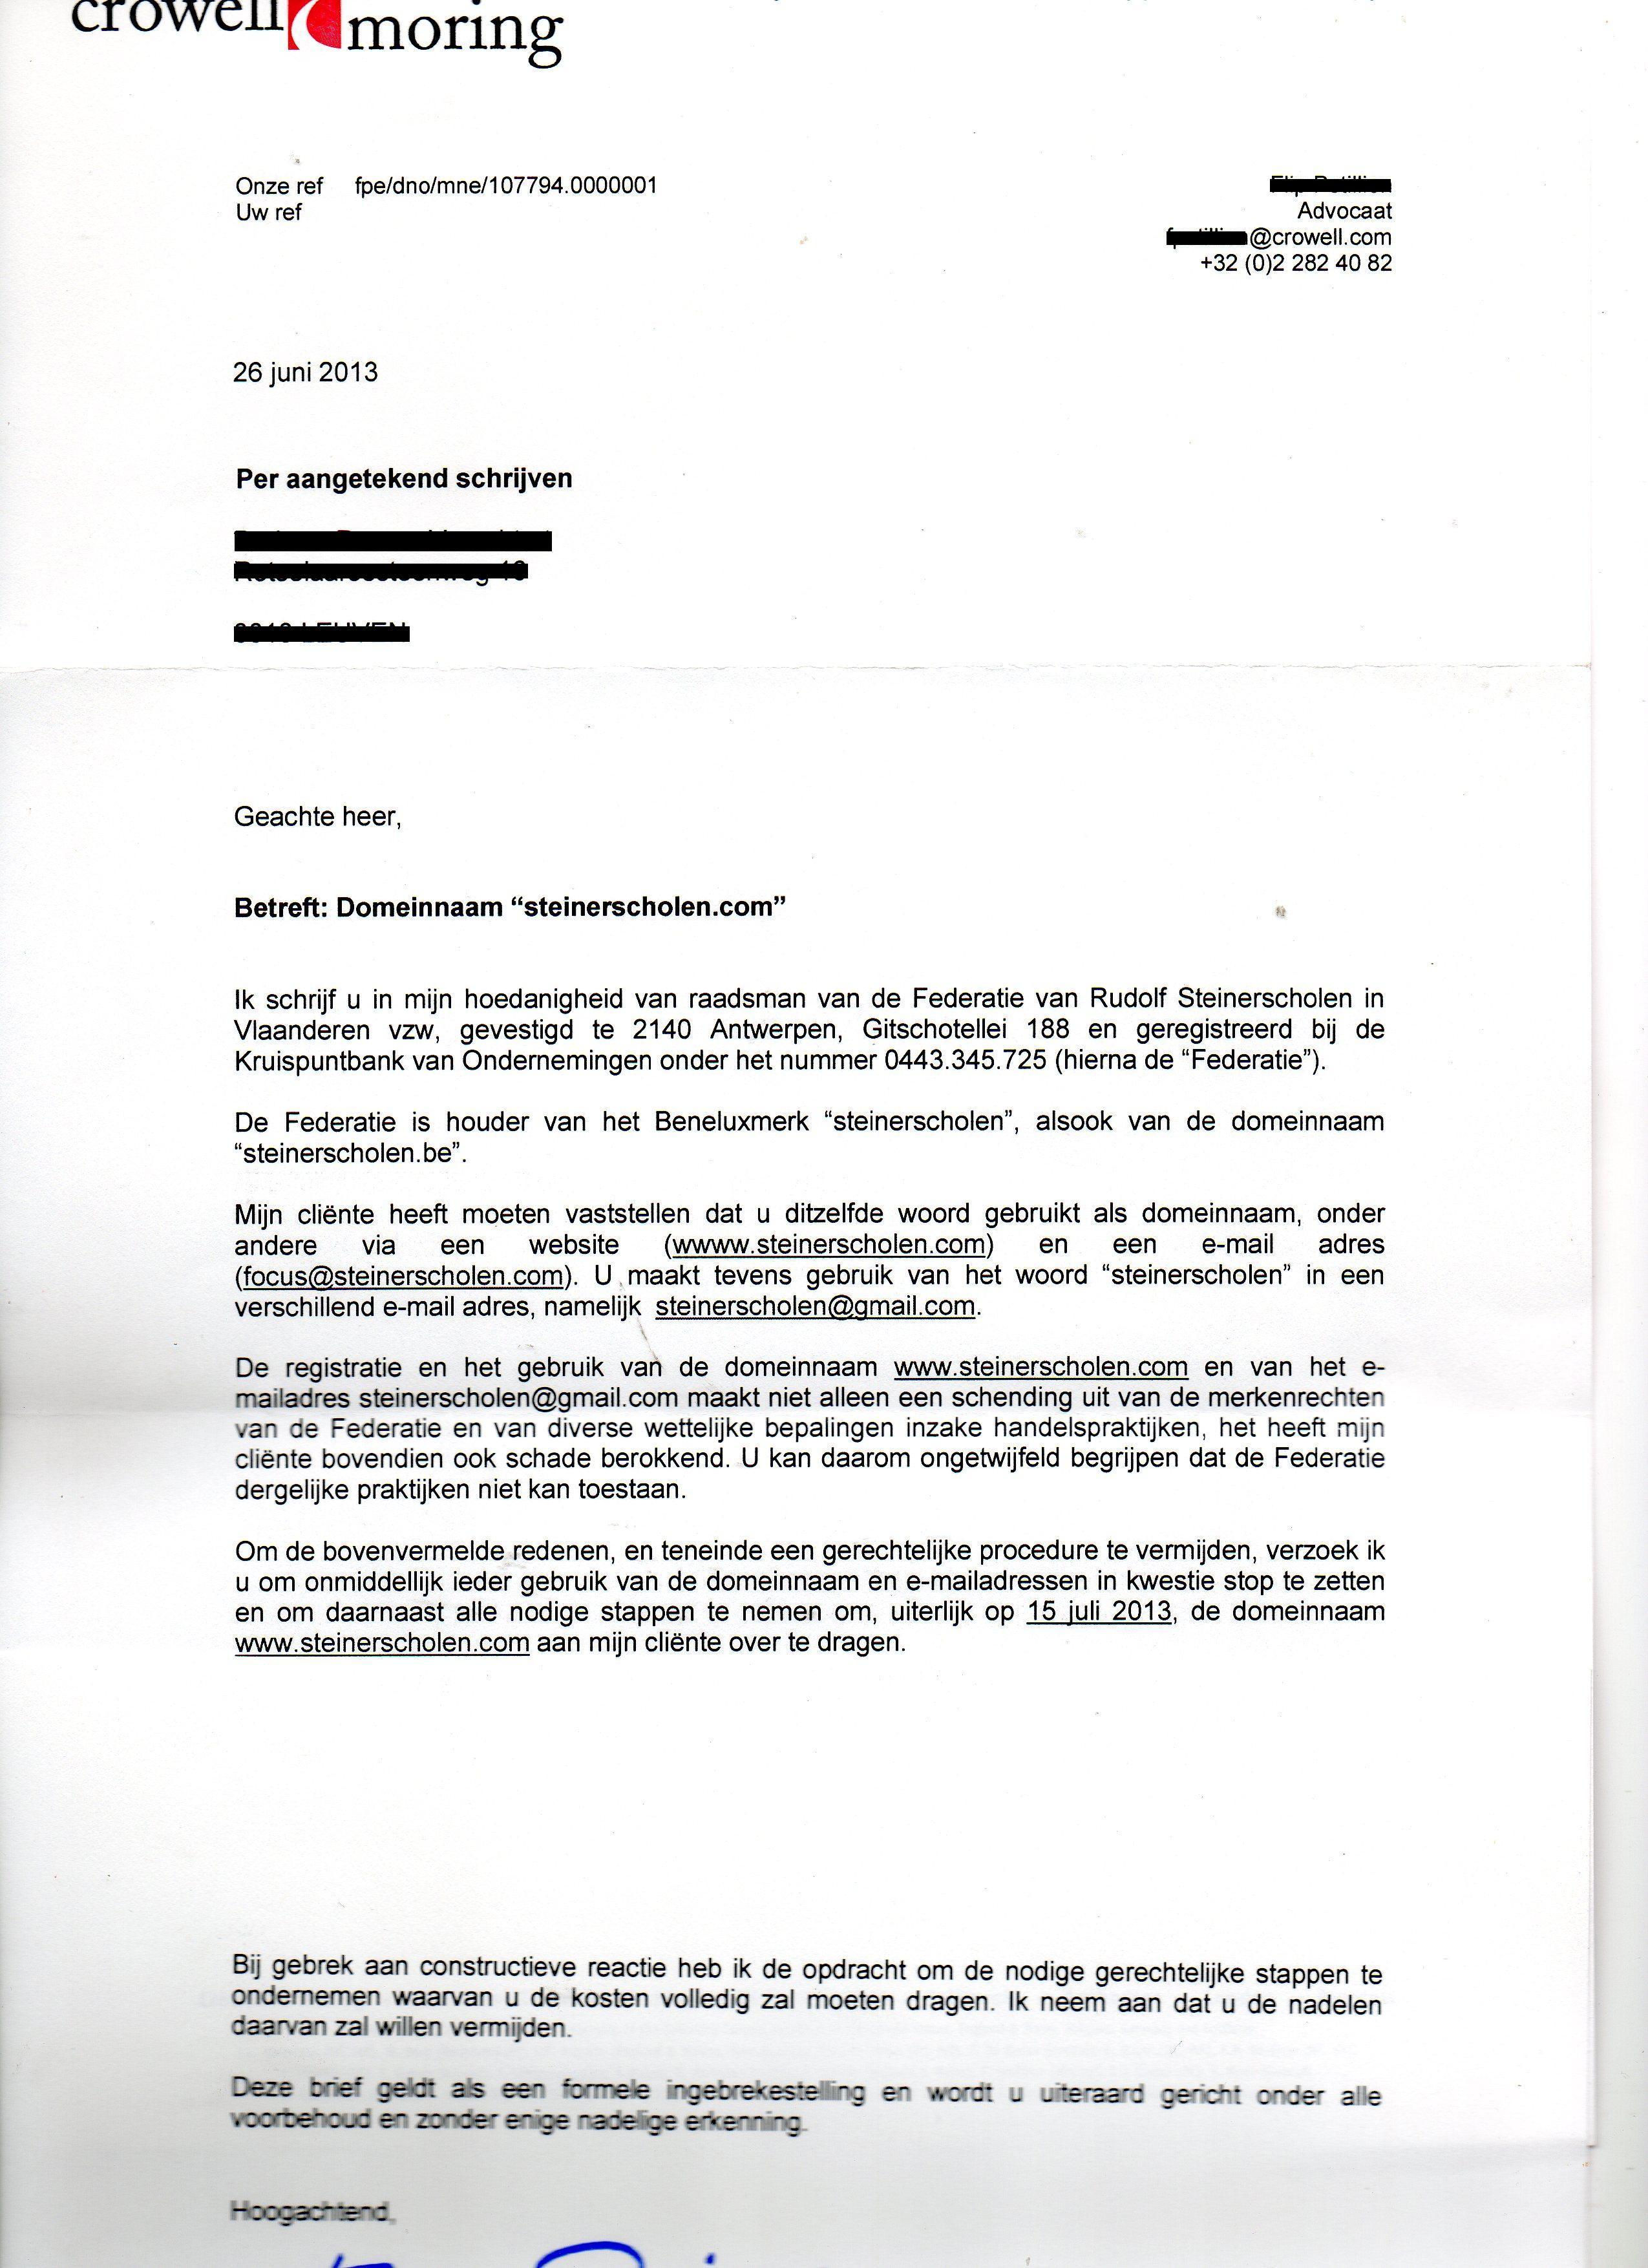 Federatie Steinerscholen wil via juridische weg Steinerscholen.com bemachtigen